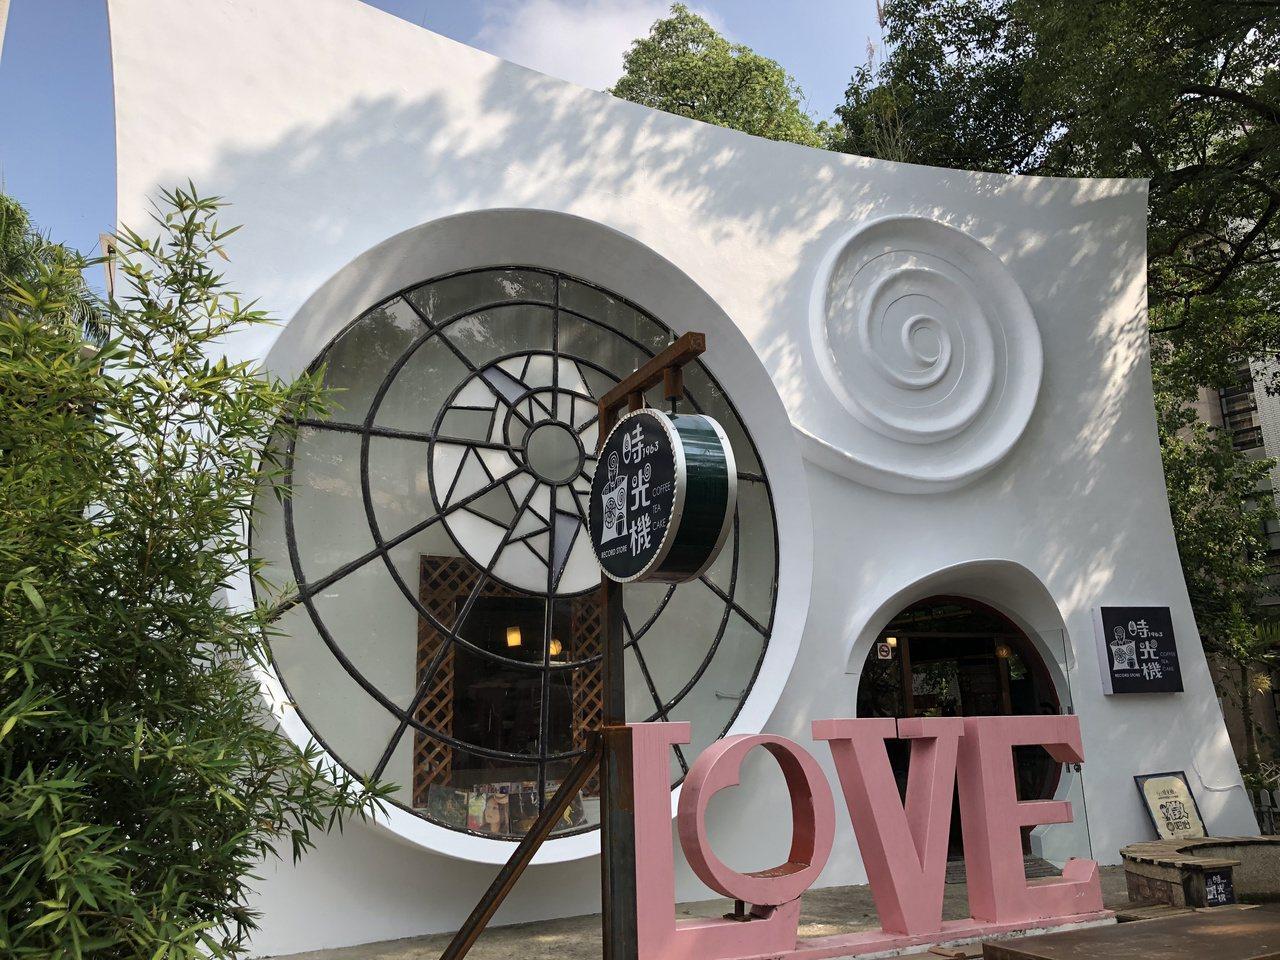 中興新村的「1963時光機」是國內知名女建築師修澤蘭的傑作,雖然有55年歷史,卻...